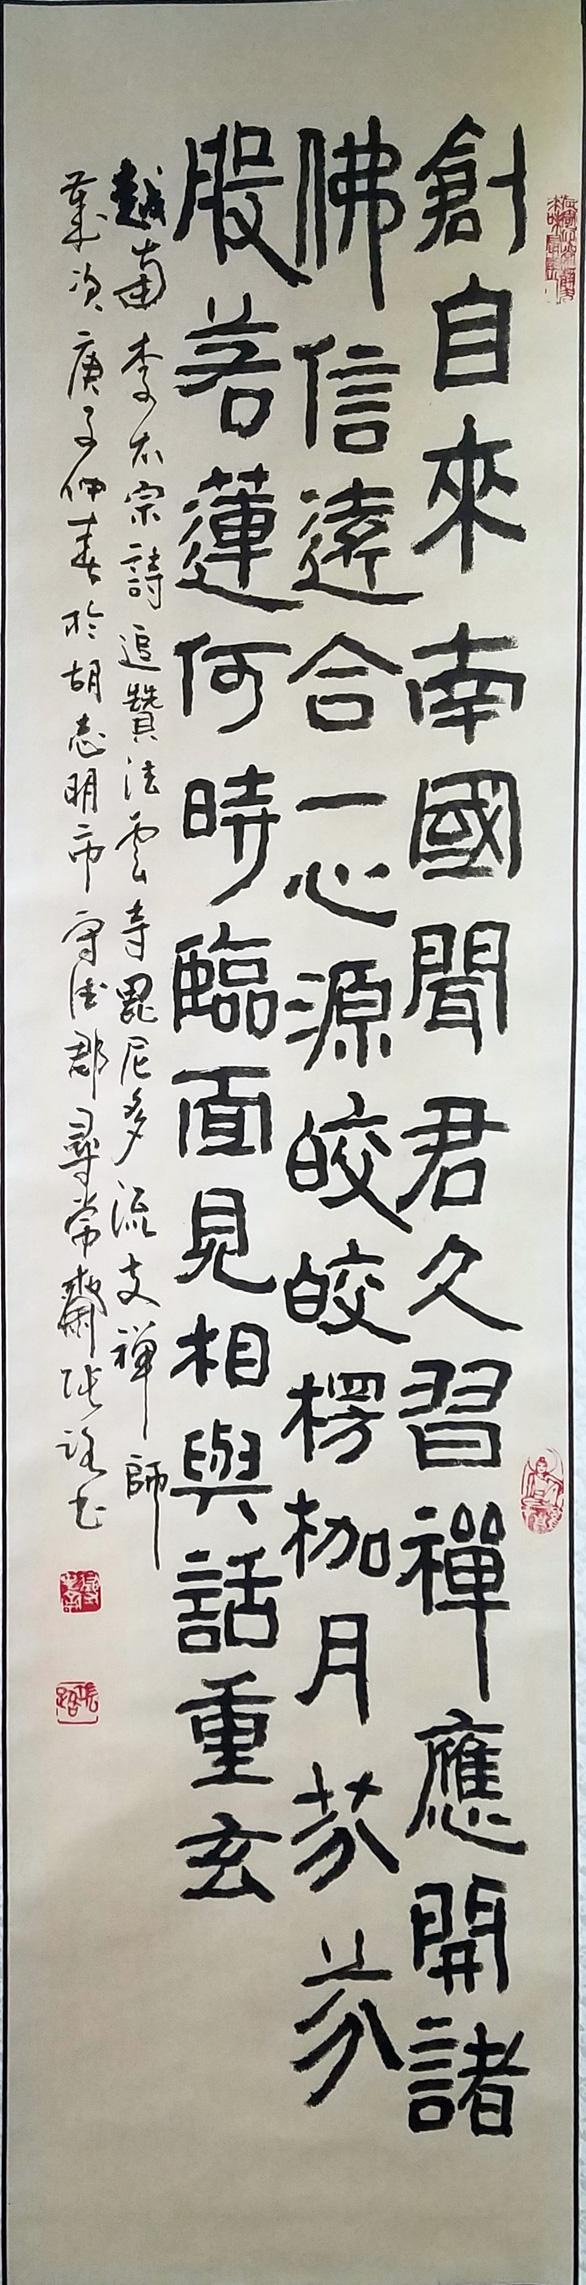 Xem triển lãm thư pháp của Trương Lộ gặp thơ Lê Quý Đôn, Bùi Giáng, Bảo Định Giang - Ảnh 3.